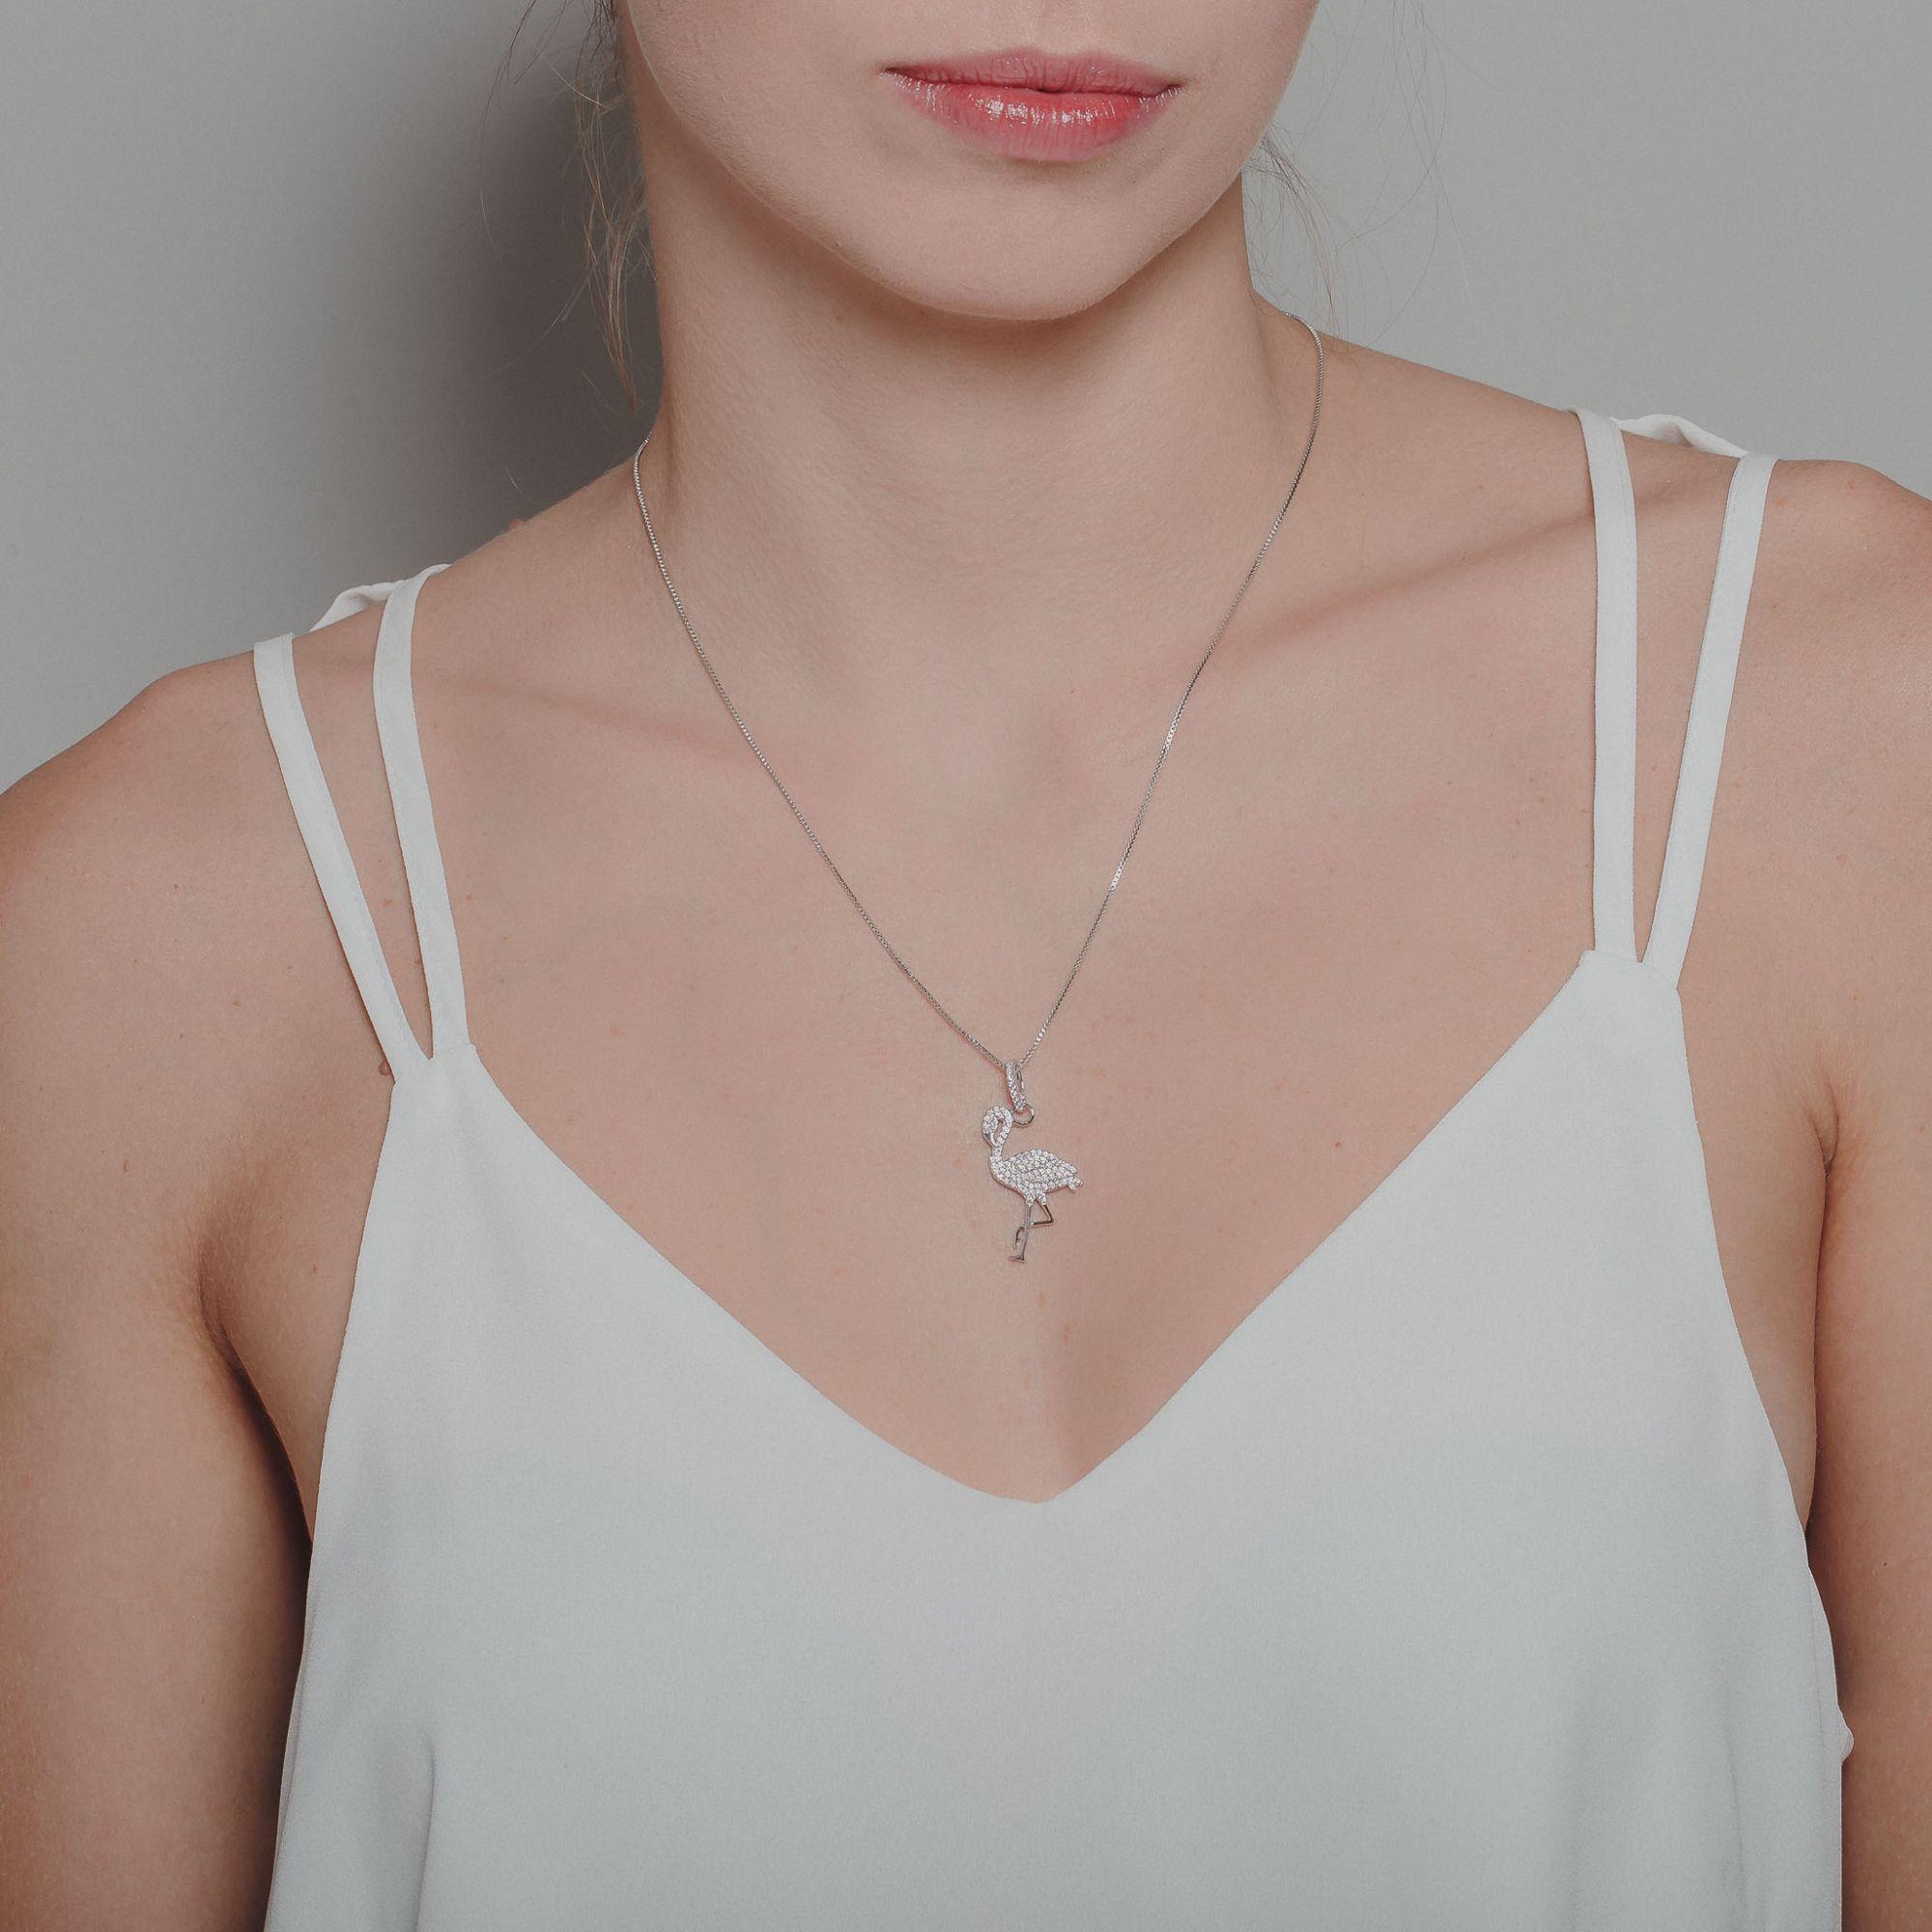 Pendente de flamingo com micro zircônias rosa, banho de ródio branco.  - romabrazil.com.br